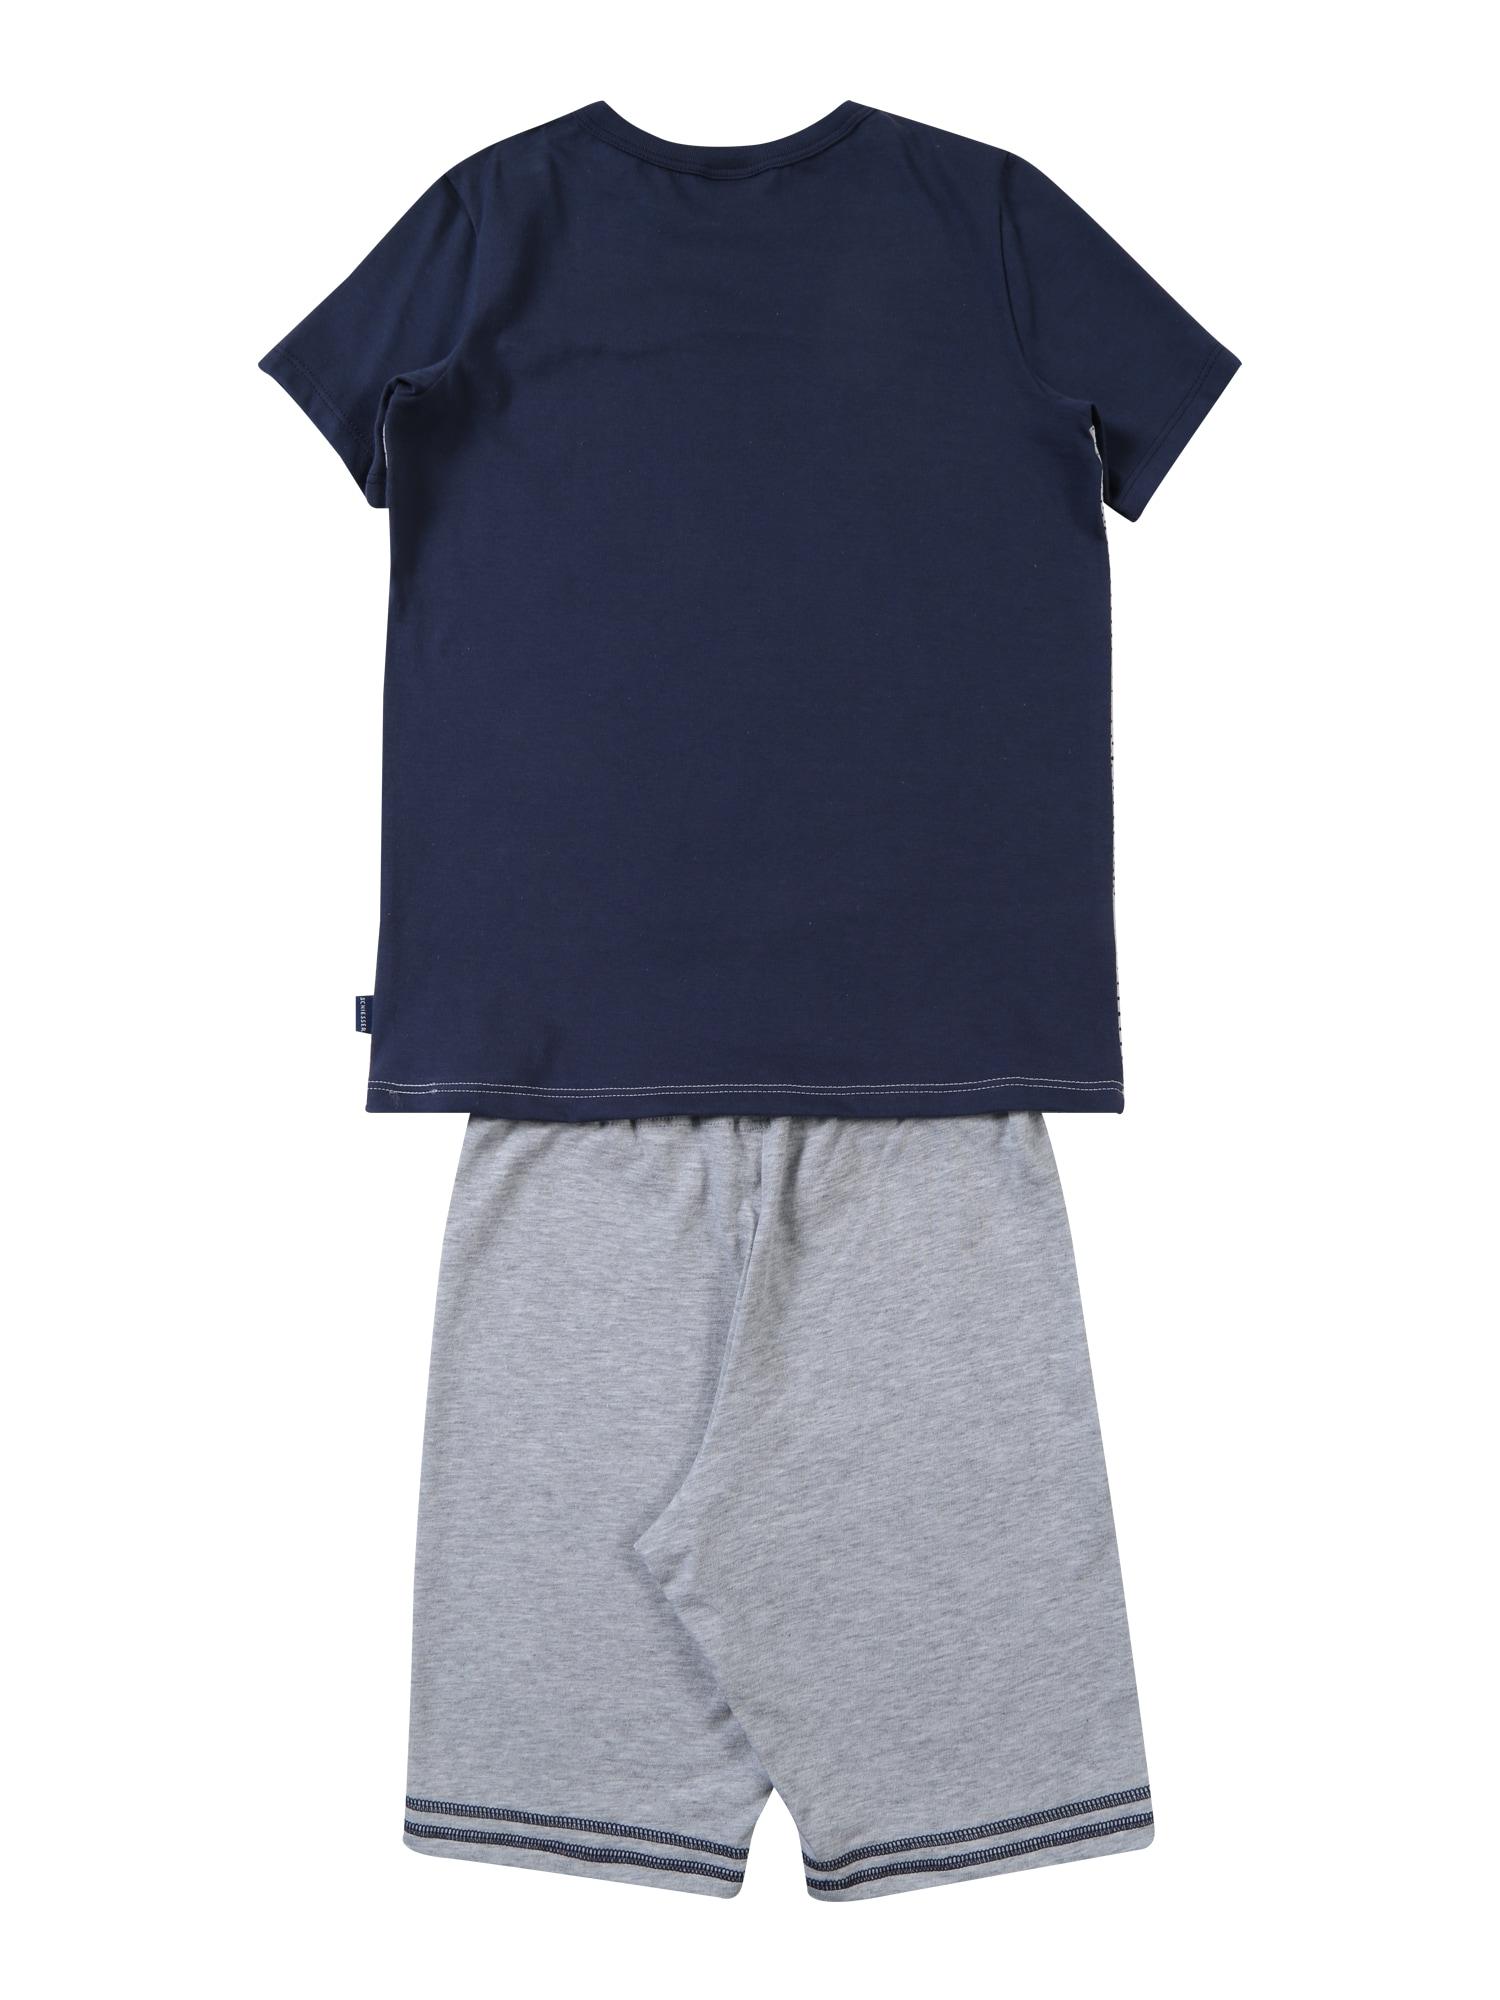 SCHIESSER, Jongens Nachtkledij, blauw - lichtgrijs